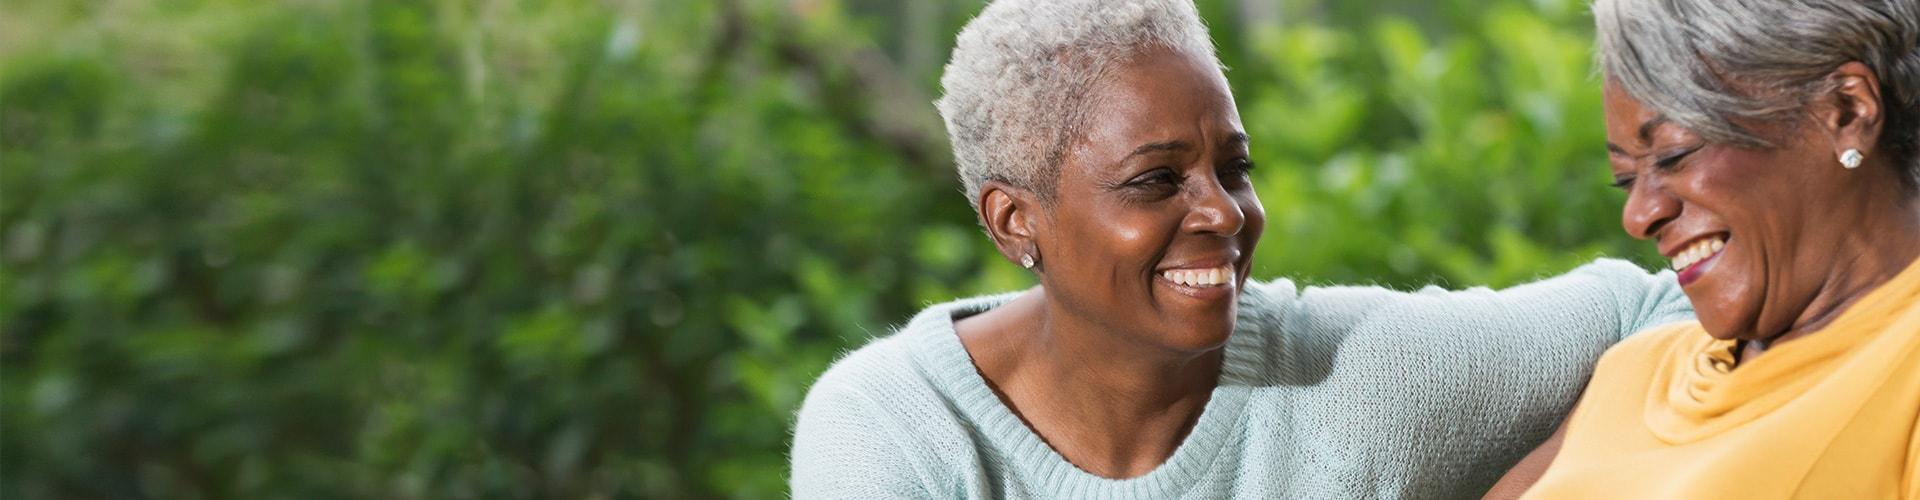 Karşılıklı konuşan iki kadın. Philips Hearing Solutions başkalarıyla daha iyi bağlantı kurmanız için daha iyi duymanıza yardımcı olur